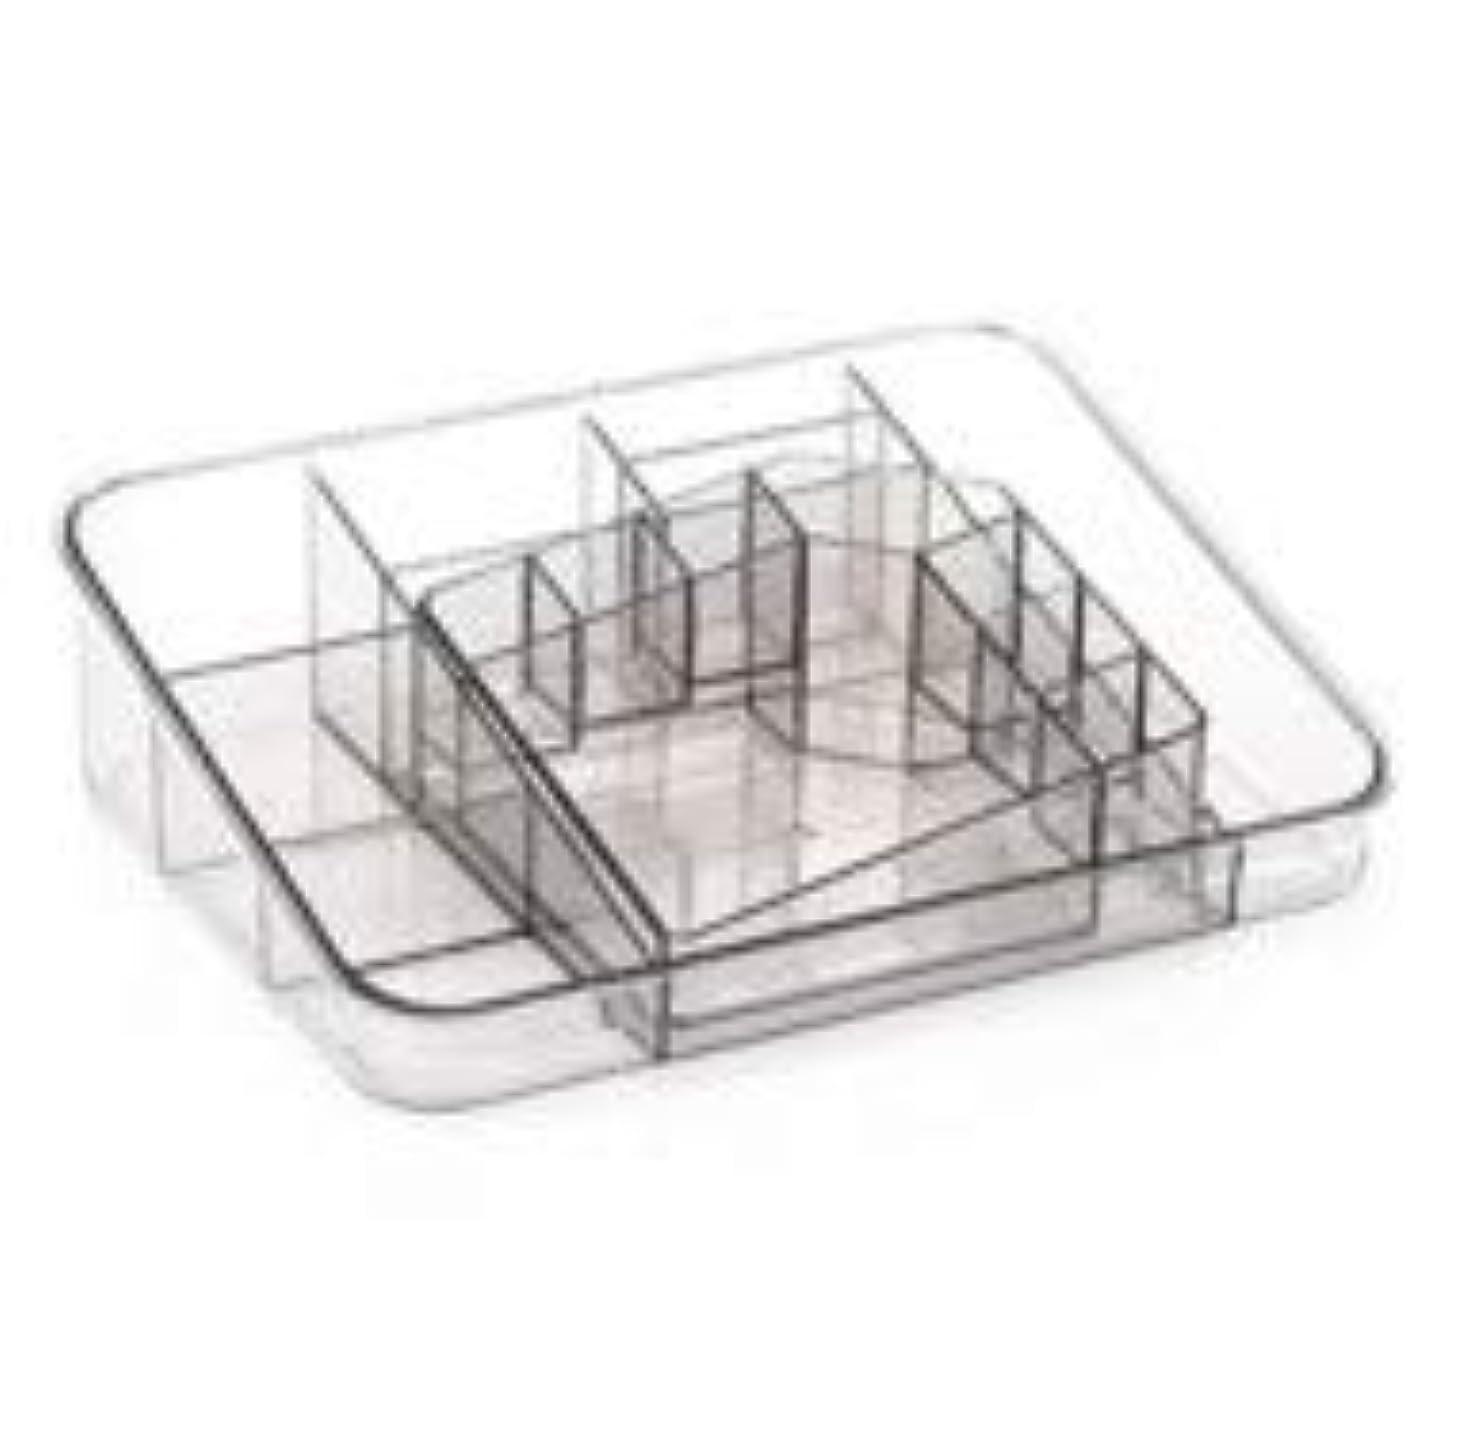 しないでくださいに対処する促す透明アクリル化粧品収納ボックスサイズの組み合わせツーピース多分割化粧品デスクトップ仕上げボックス (Color : グレー)